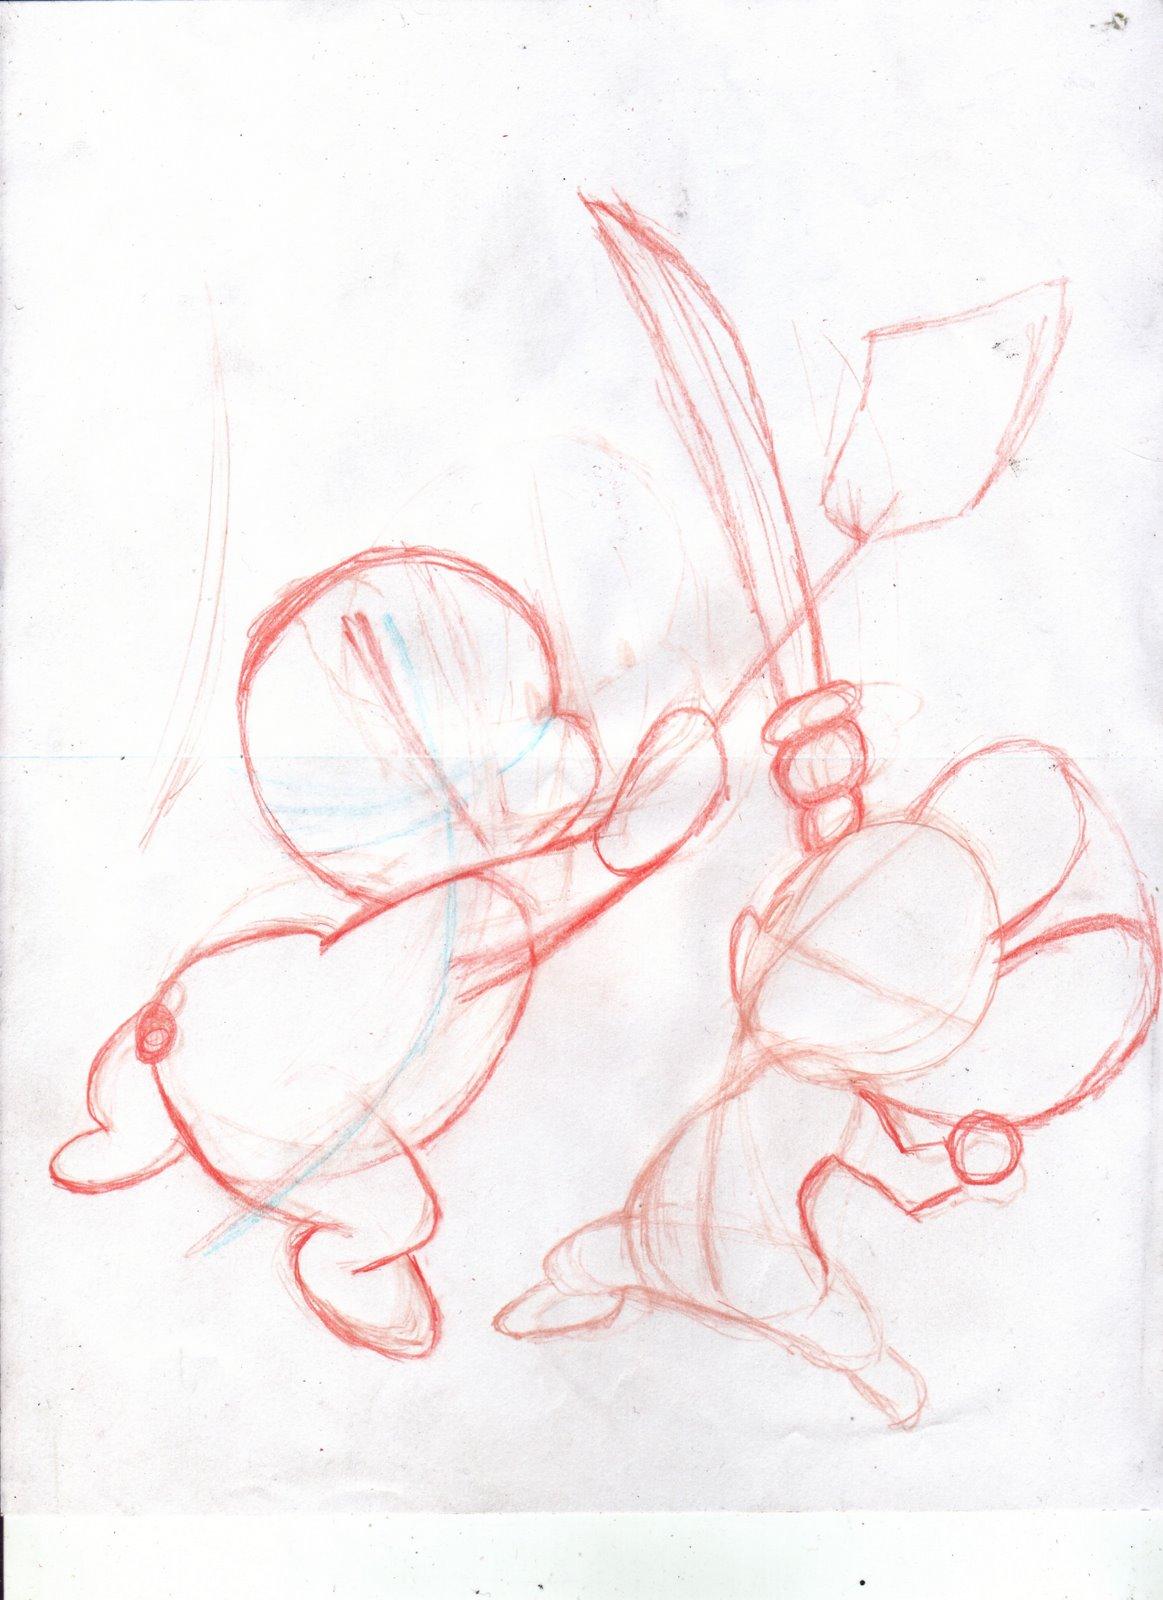 [draw2]